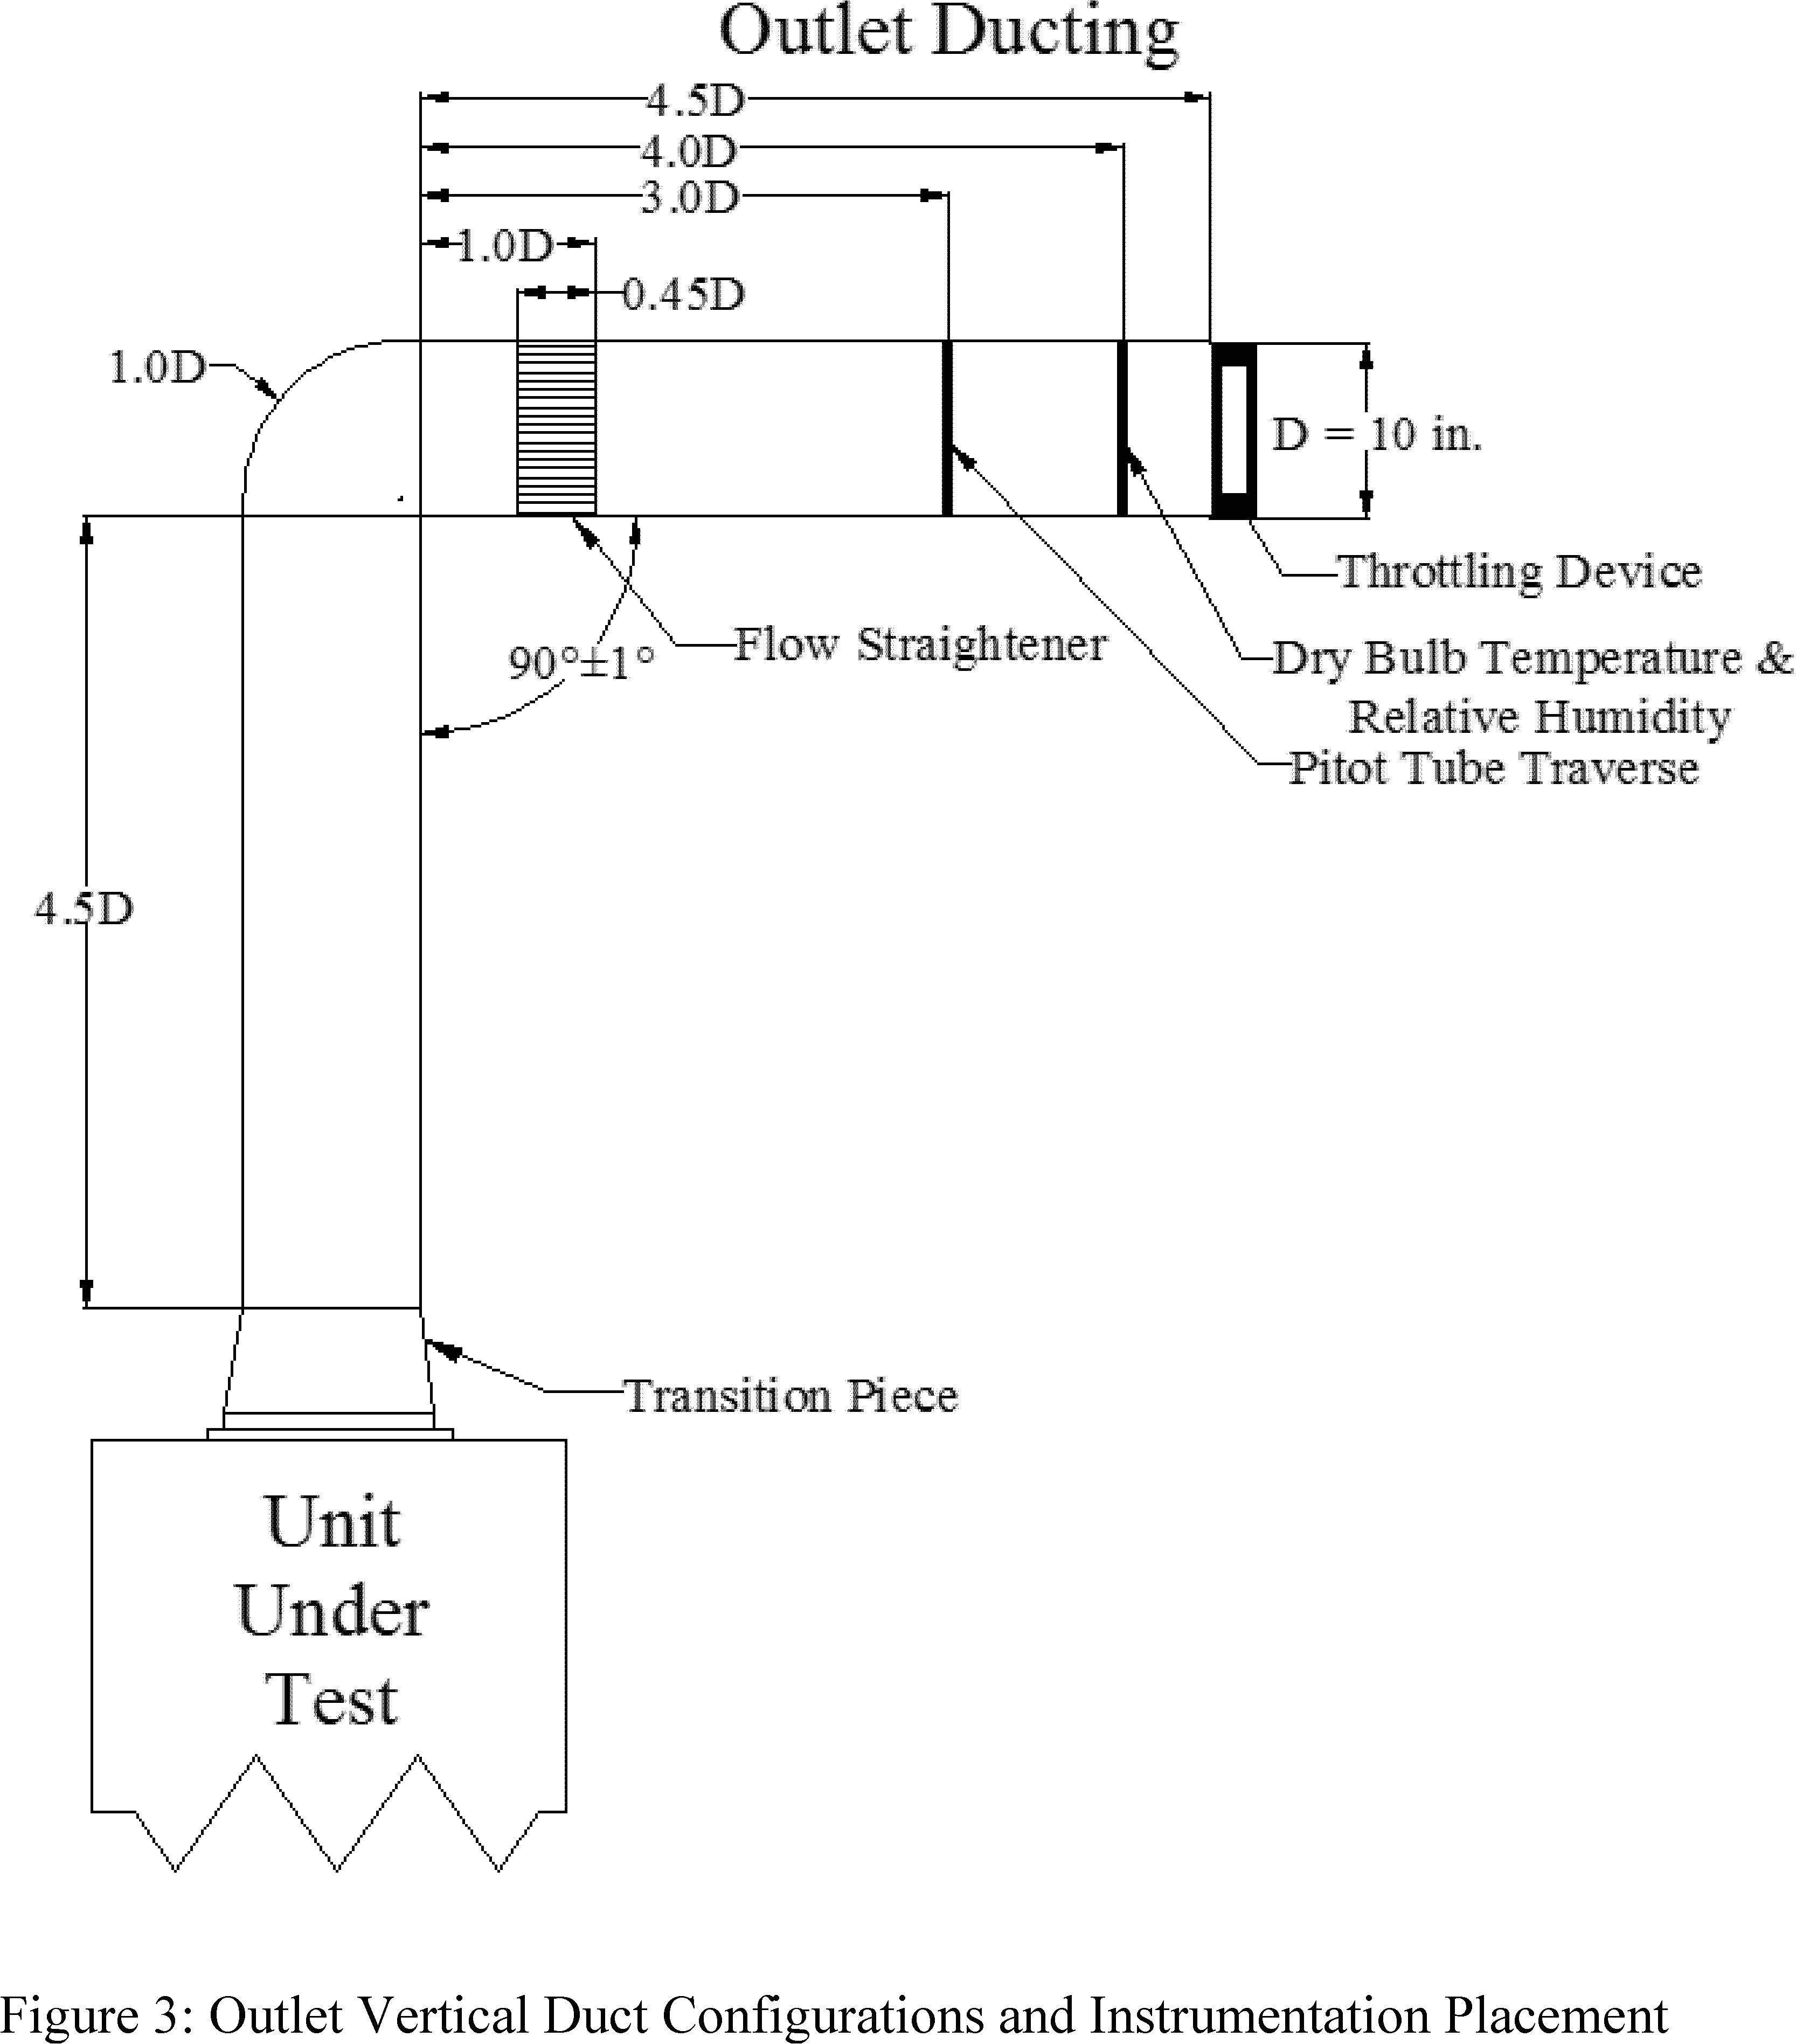 b cat 5 wiring a home wiring diagram techniccat5 wiring diagram ideal wiring diagram view